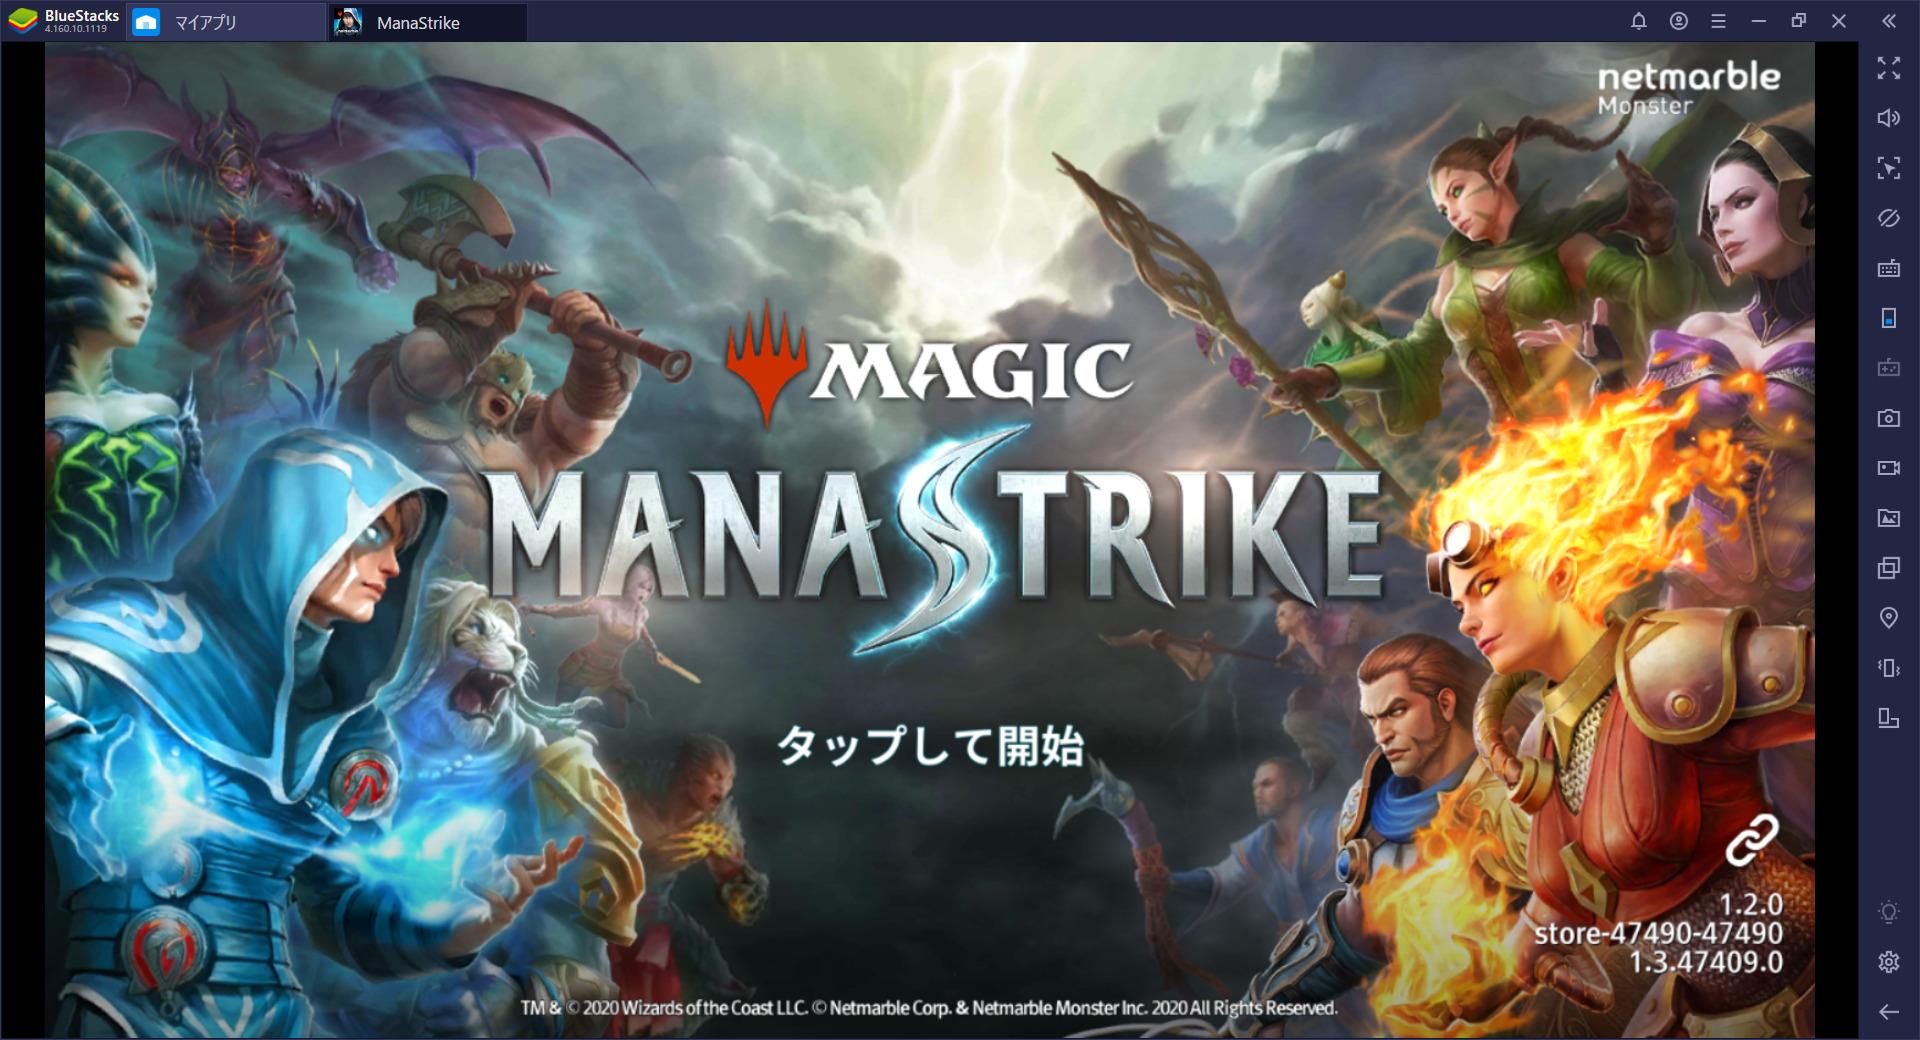 BlueStacksを使ってPCで『マジック: マナストライク』を遊ぼう